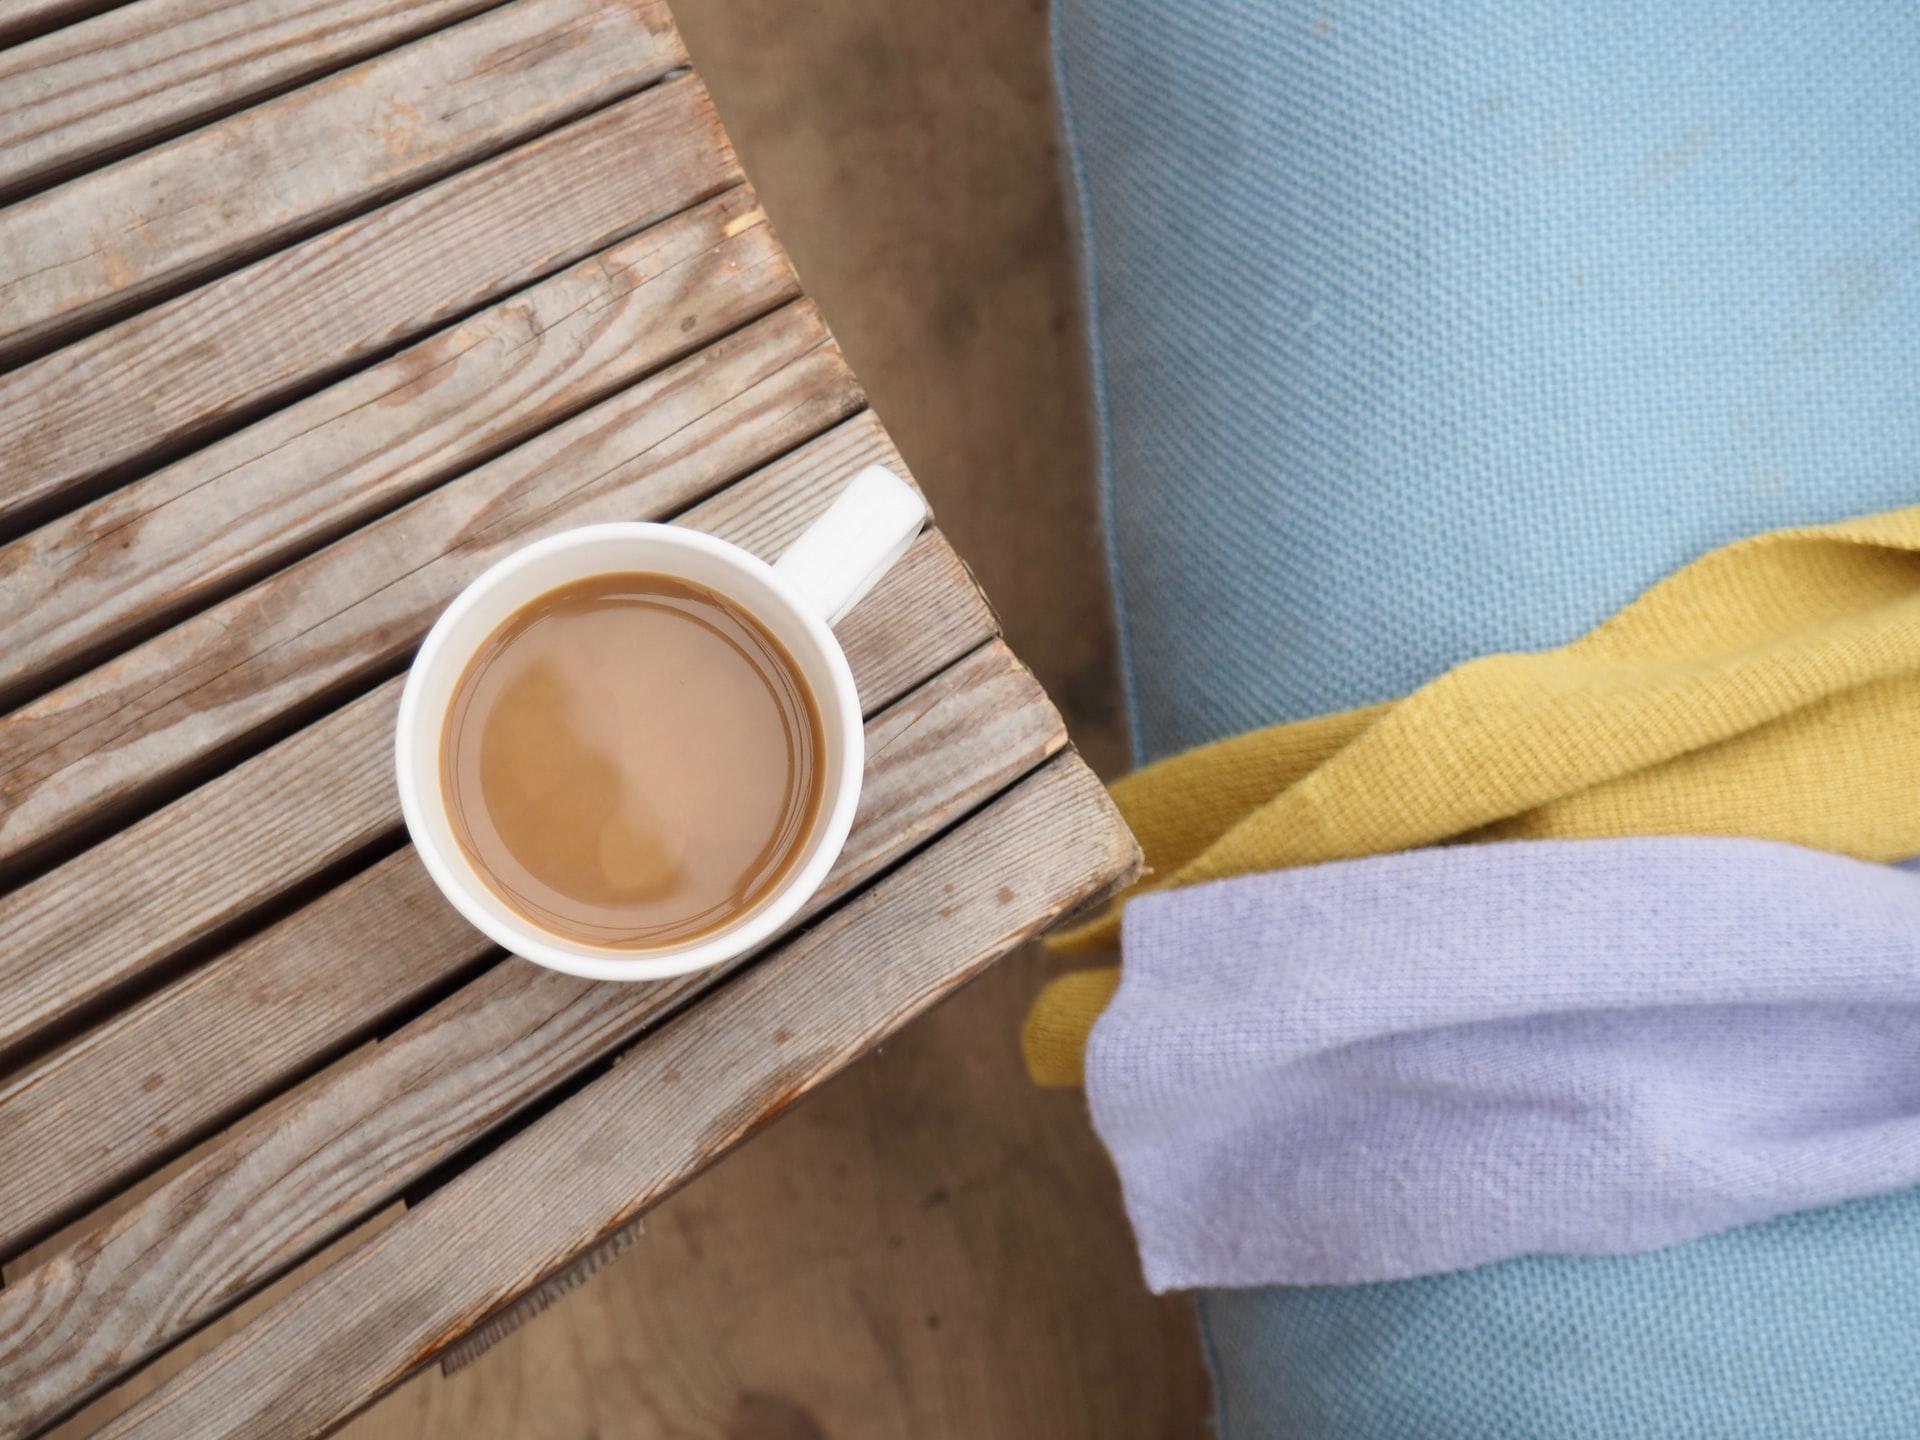 Par quoi remplacer le sucre de son café?